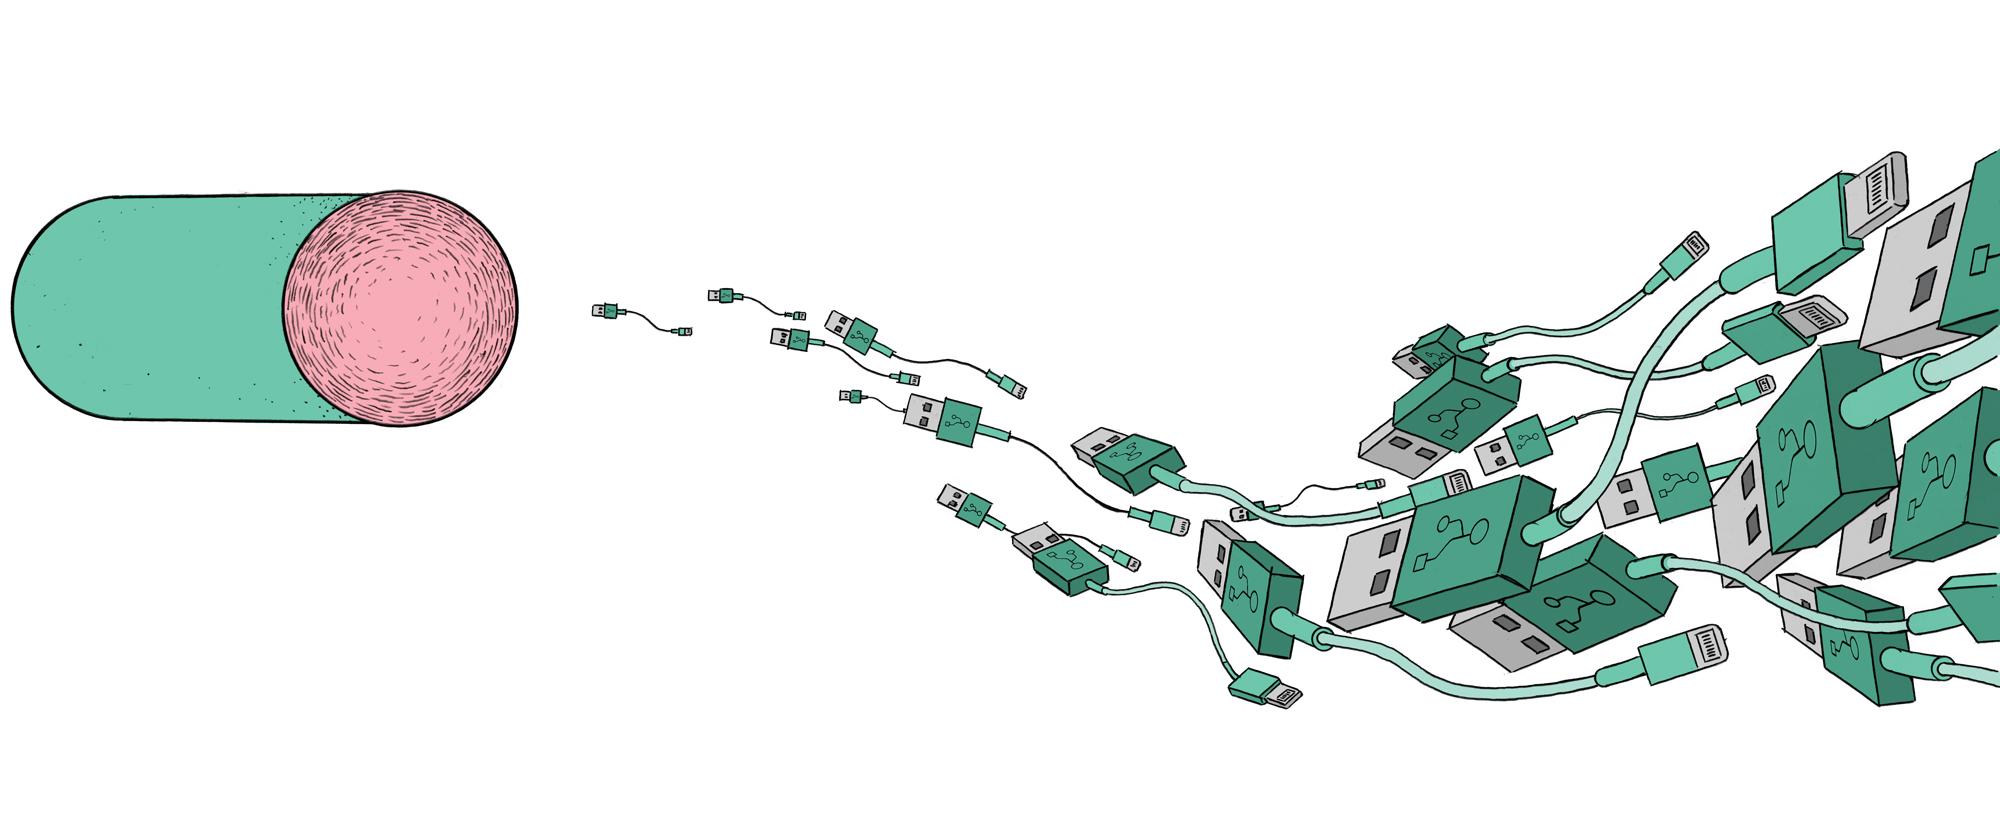 D2-Femmetiden-illustrasjon-5-eggløsning-on-off-liggende-format.jpg